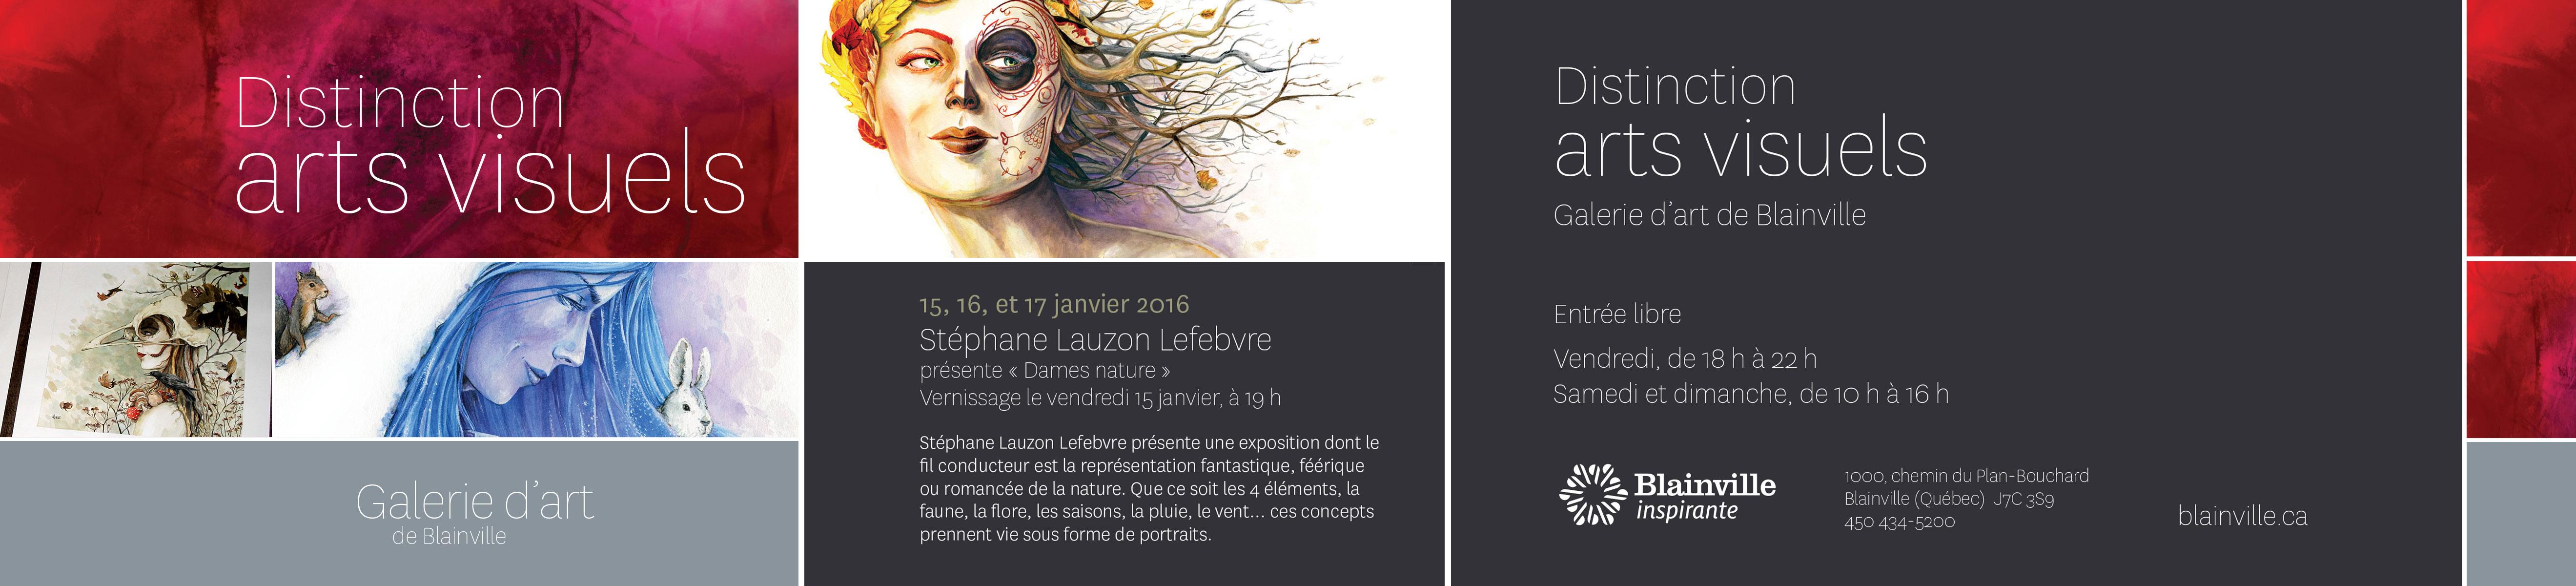 Distinction arts visuels : Stéphane Lauzon Lefebvre présente « Dames nature »